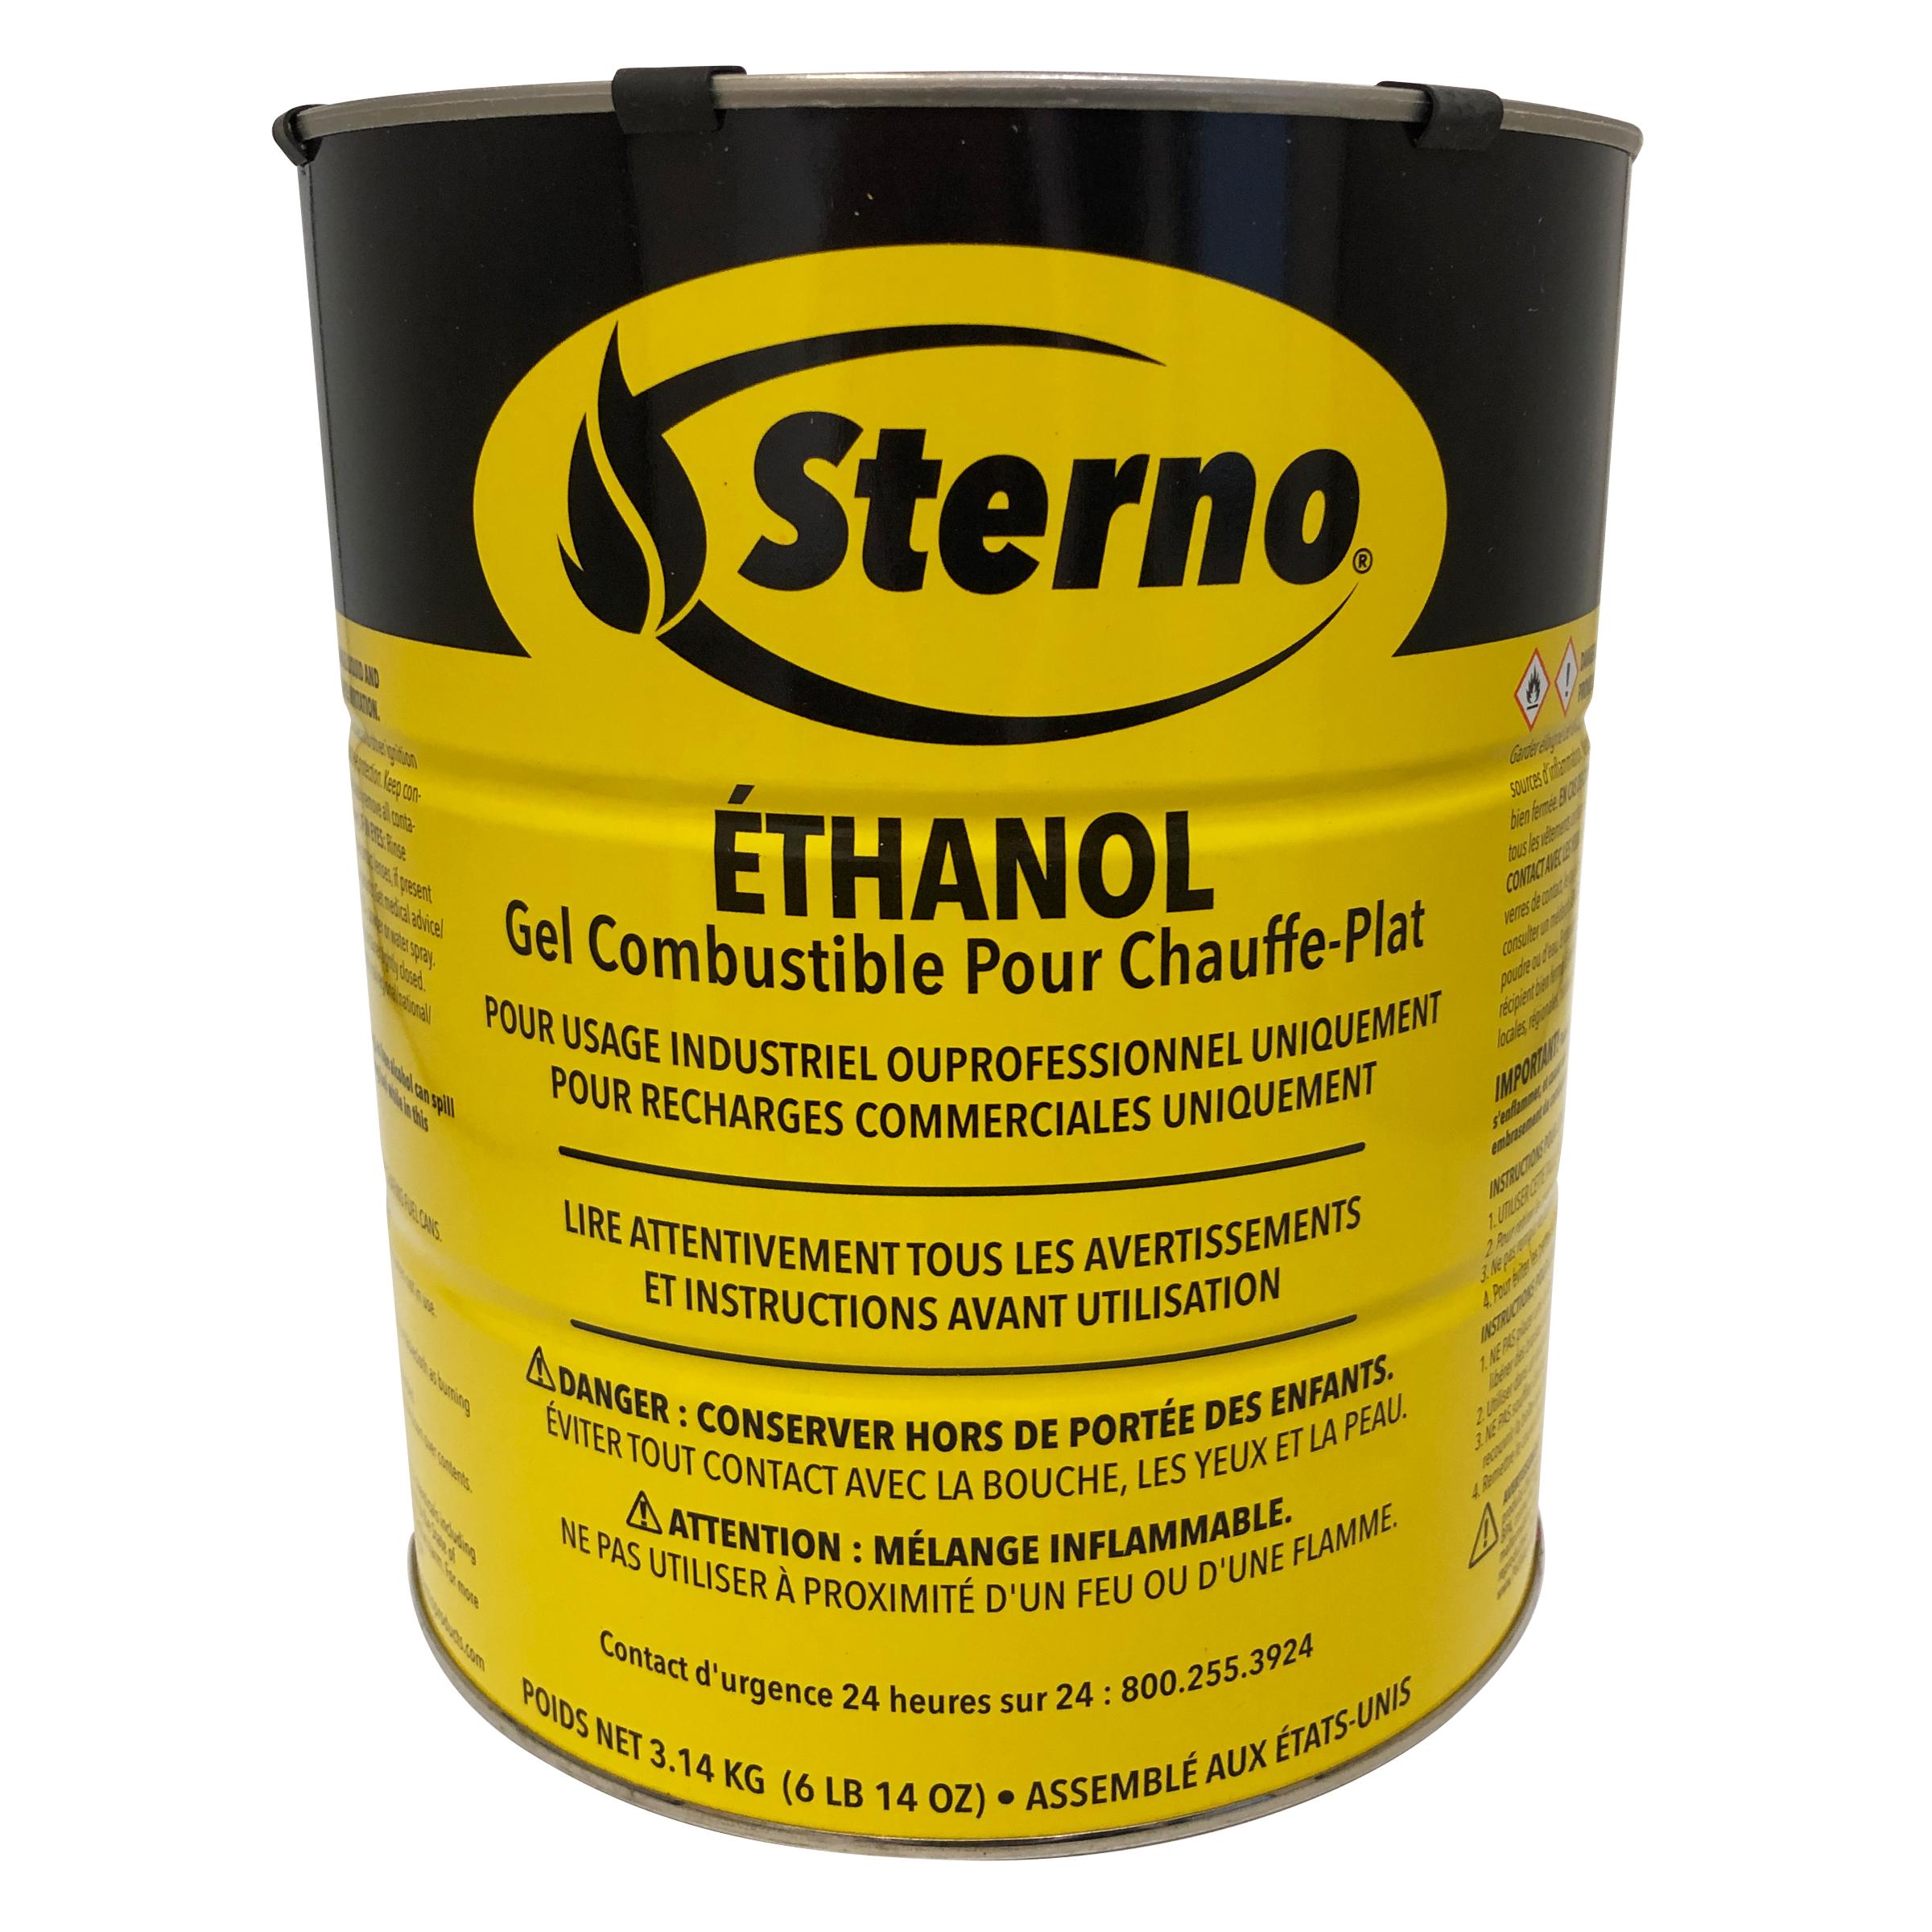 Sterno 20266 ethanol chafing dish gel